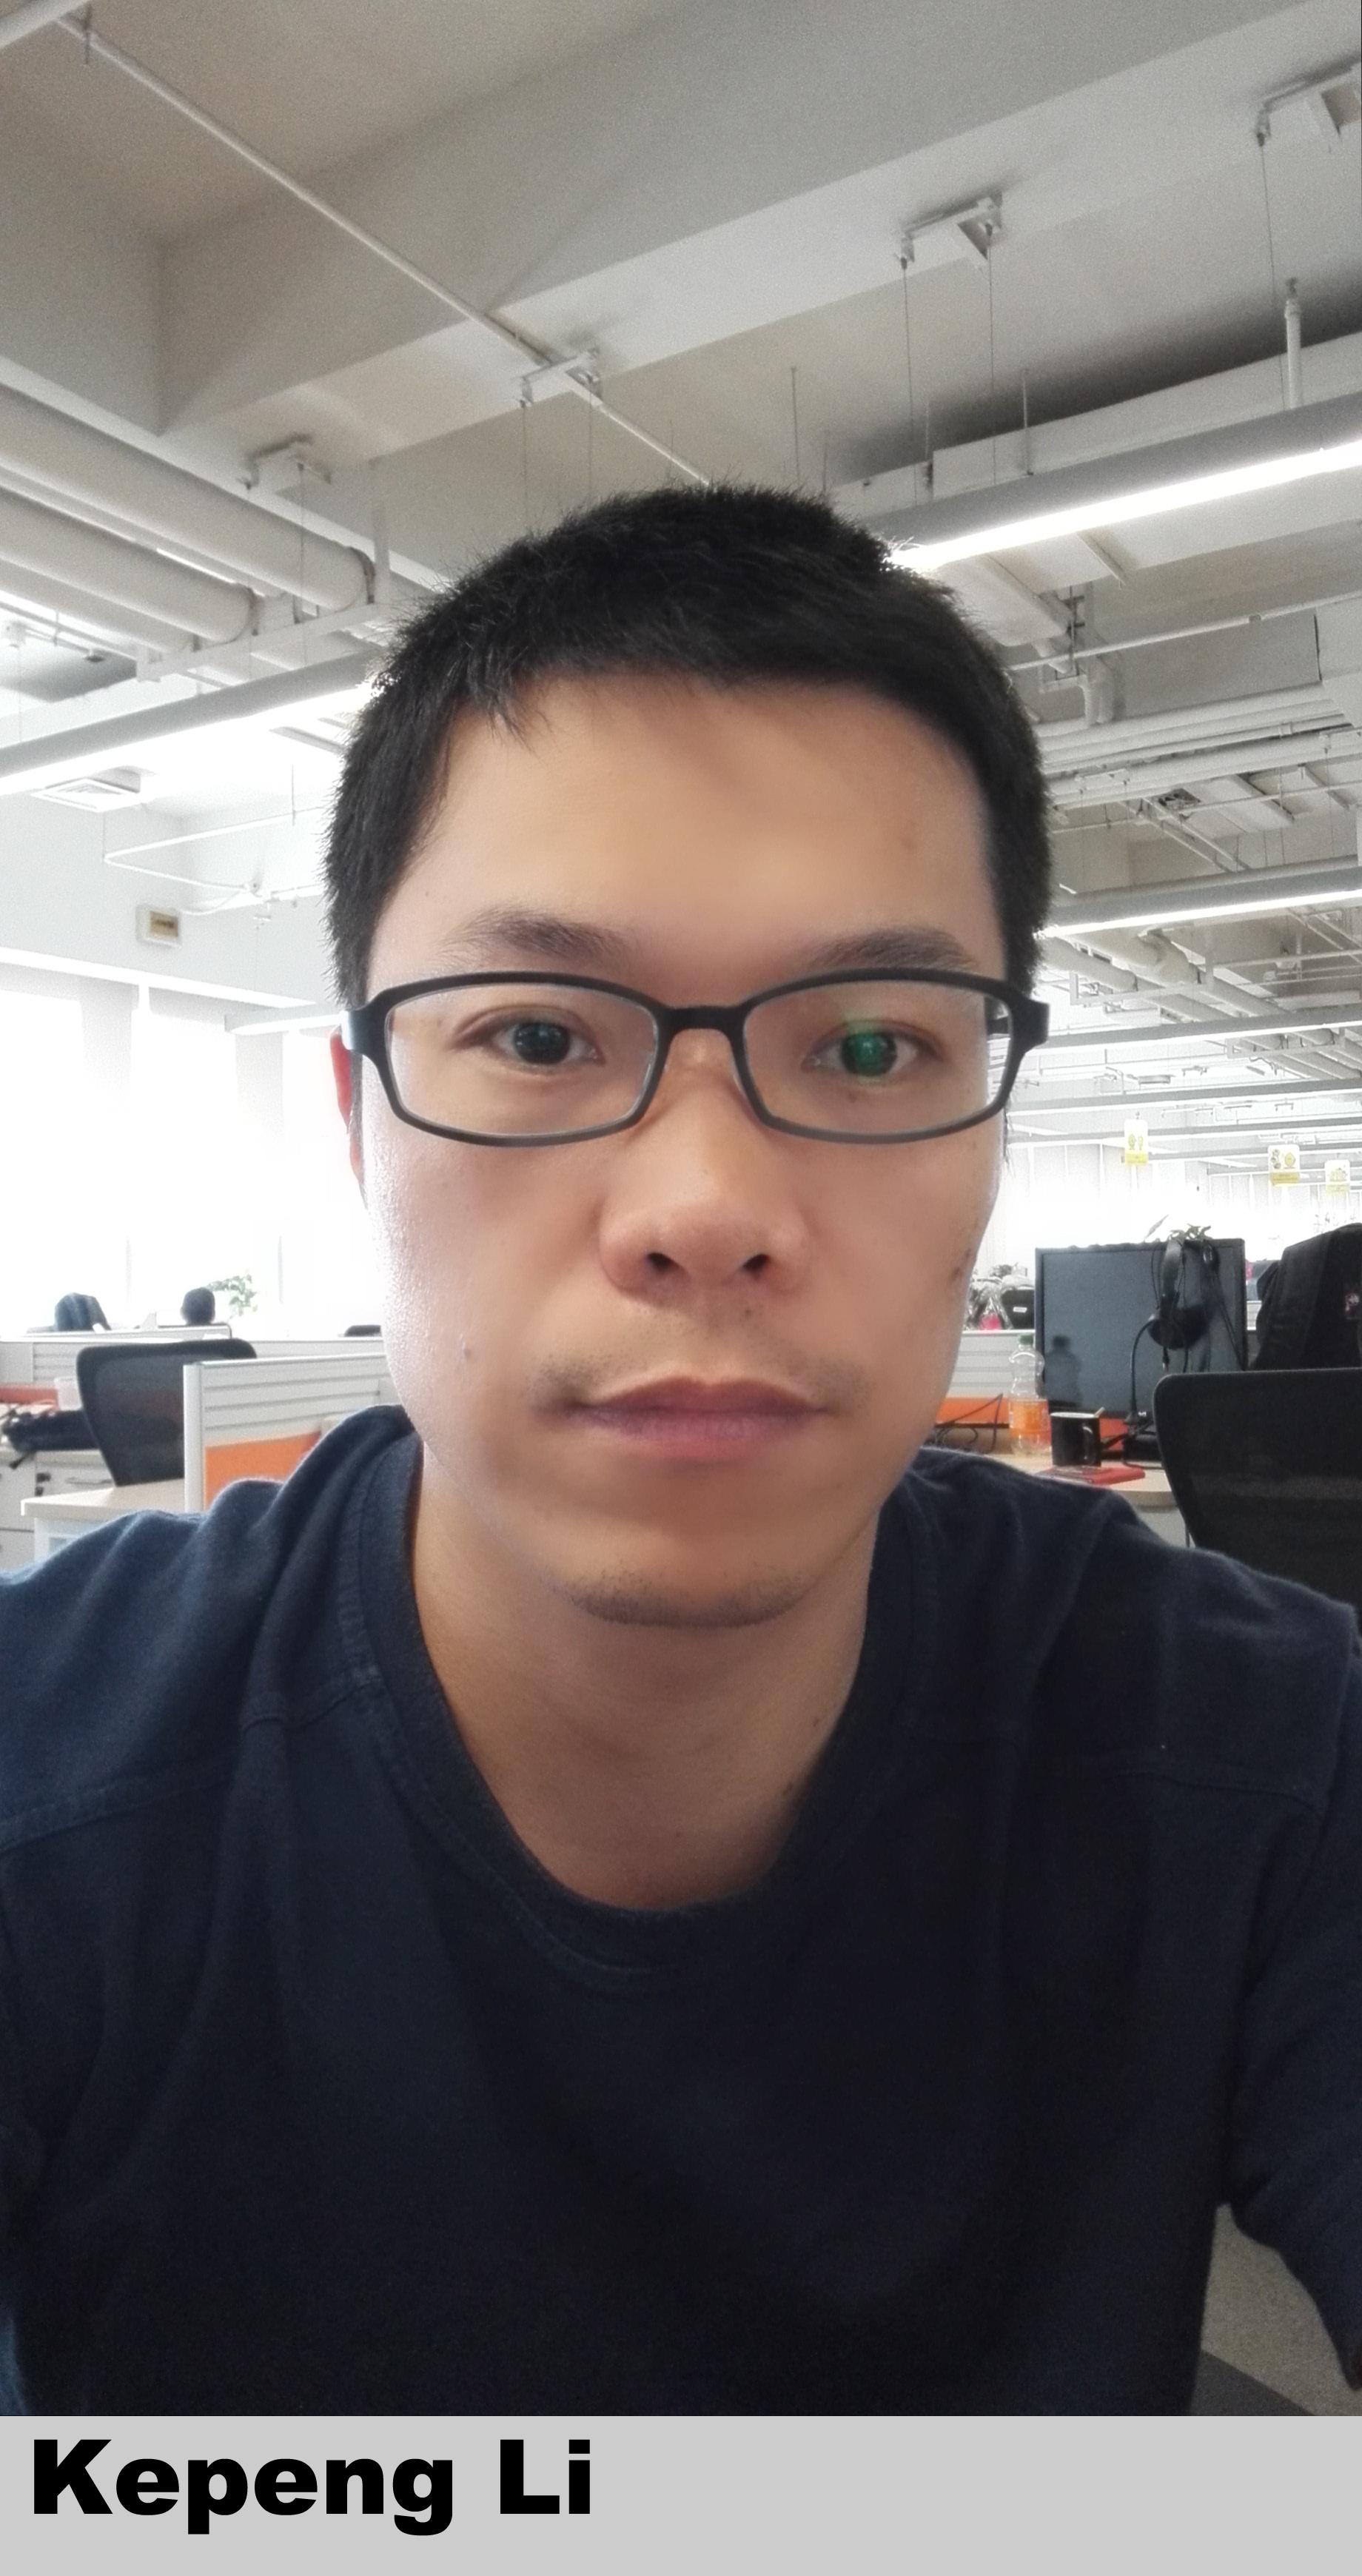 Photo of Kepeng Li